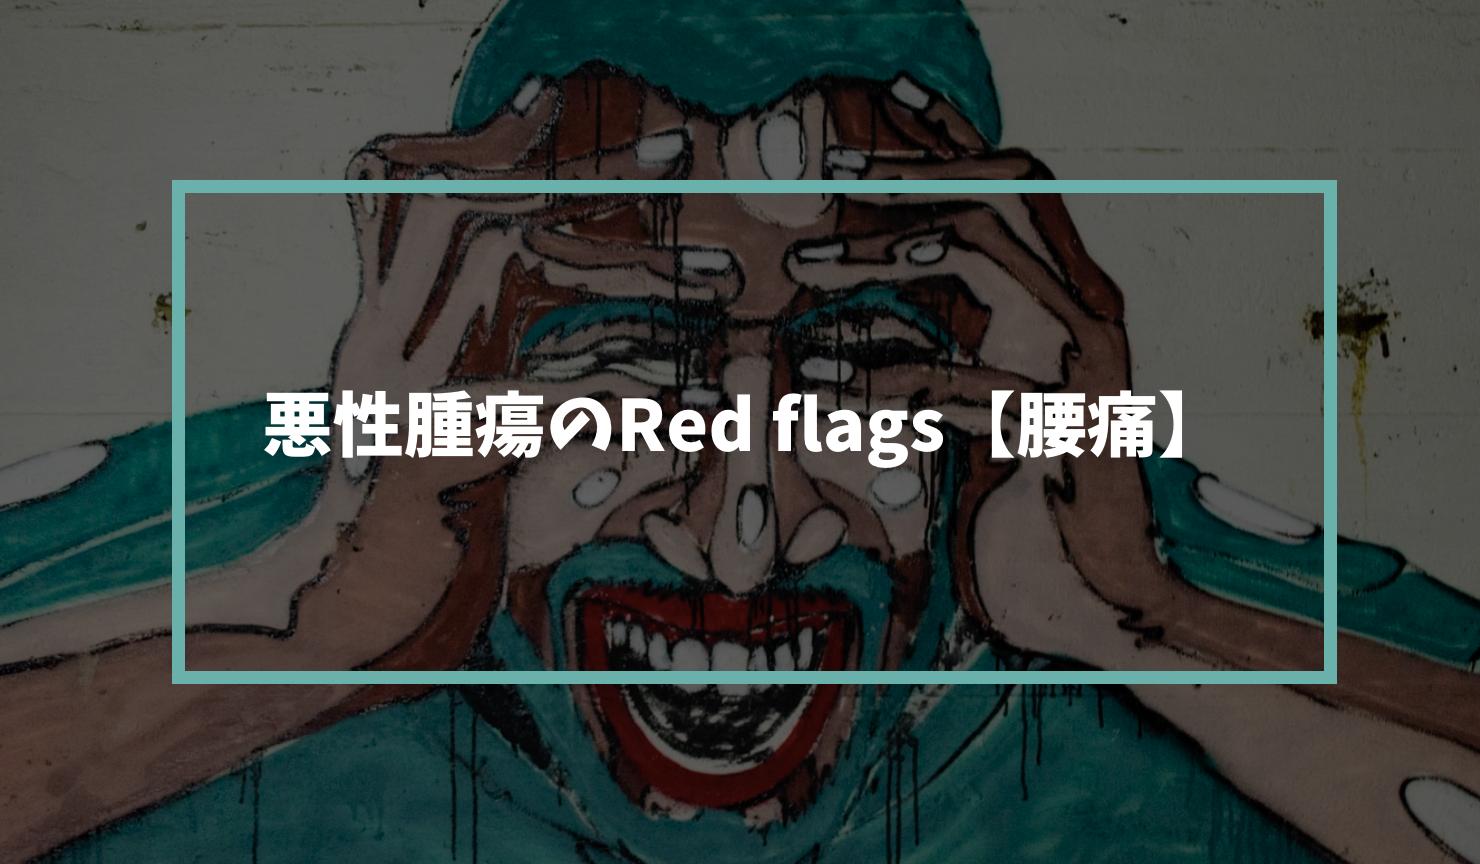 悪性腫瘍のRed flags【腰痛】